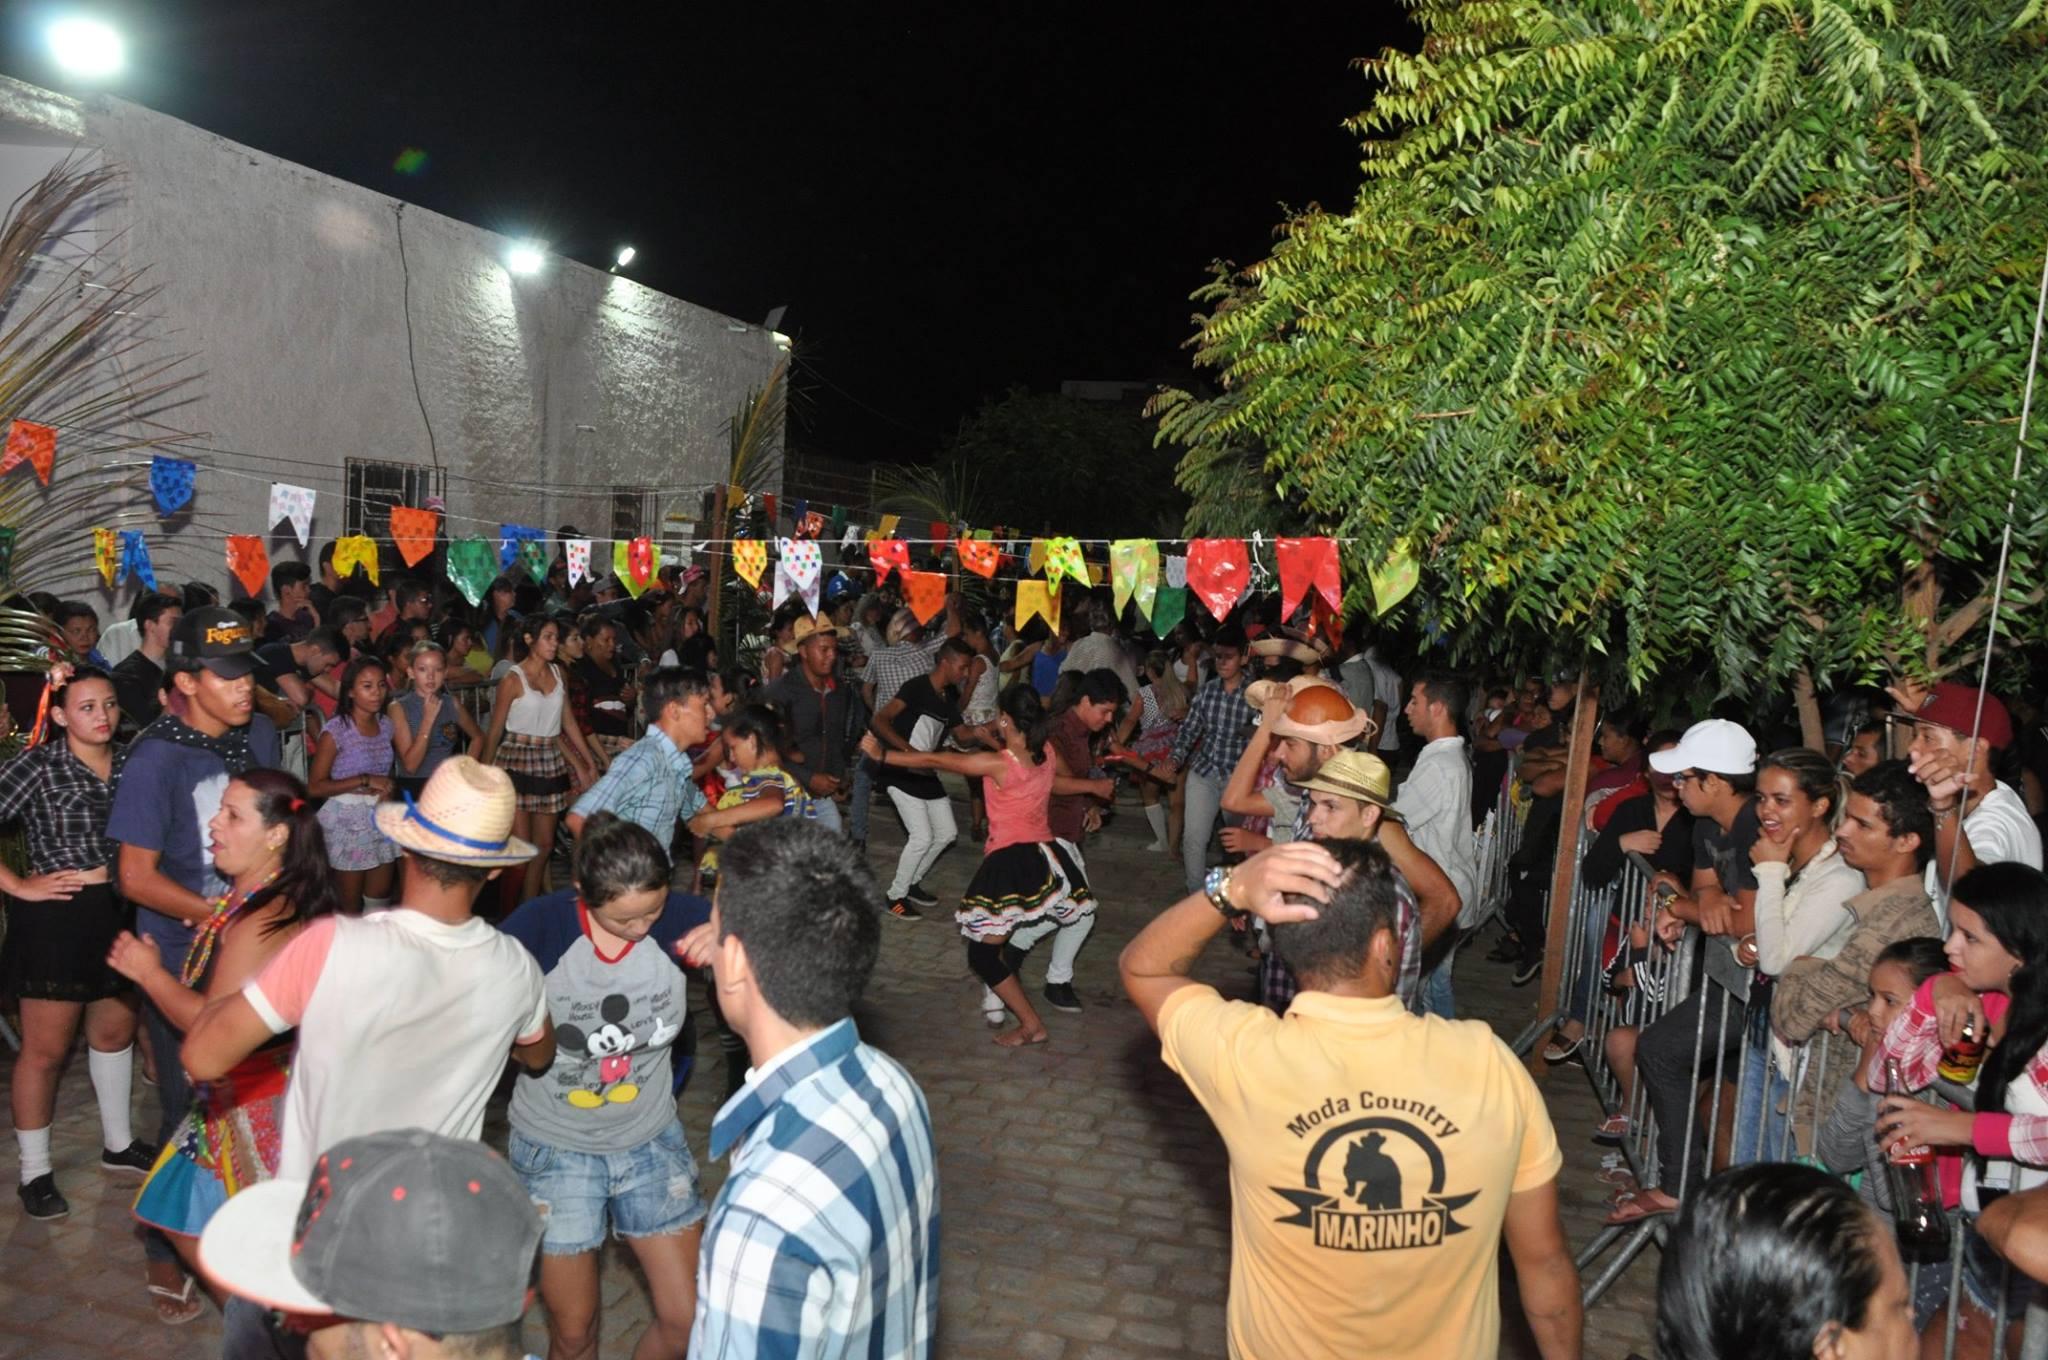 19222747_1899328400340350_7364158971639798850_o-1024x680 OPIPOCO mostra como foi a Segunda noite do festival de quadrilhas em Monteiro. Confira Imagens